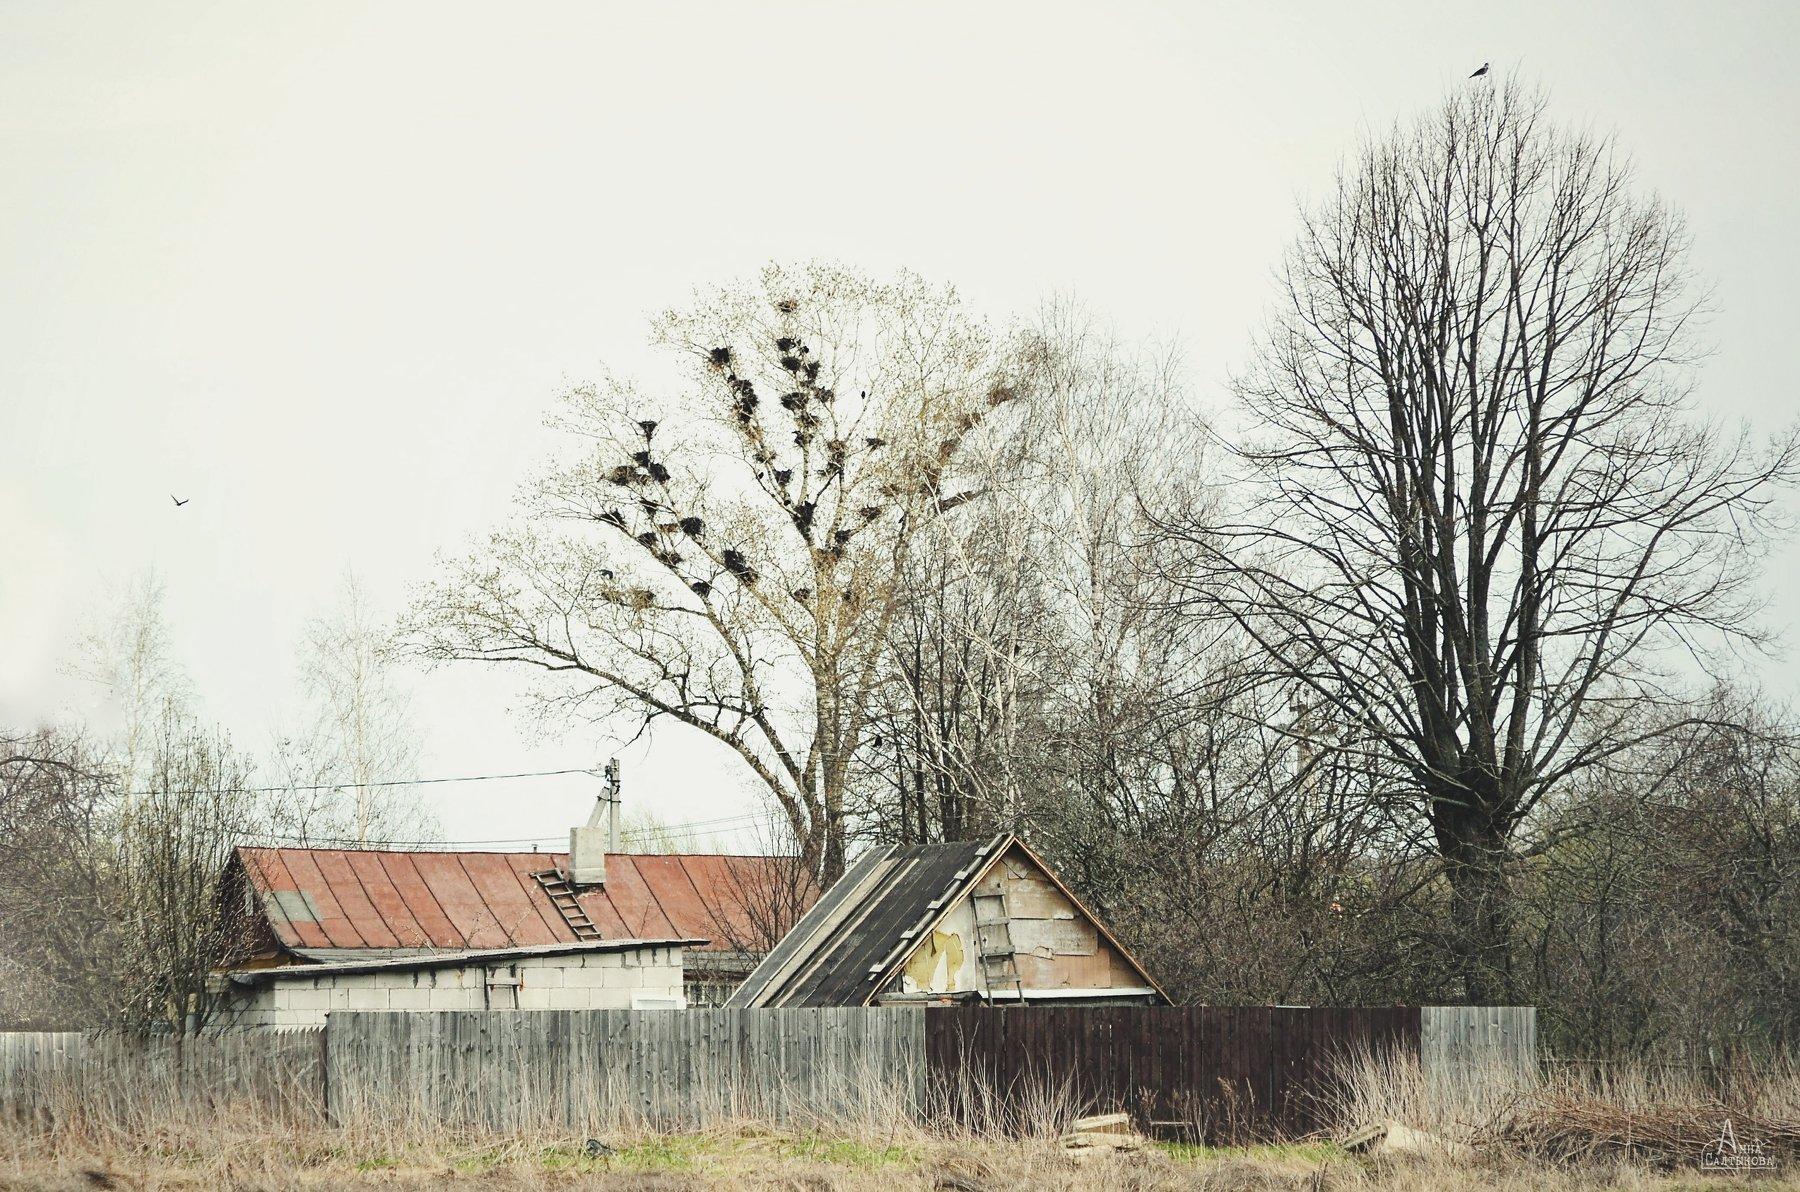 деревня, дерево, весна, гнезда, дом, пейзаж, природа, анна салтыкова, Анна Сергеевна Салтыкова (Анка)